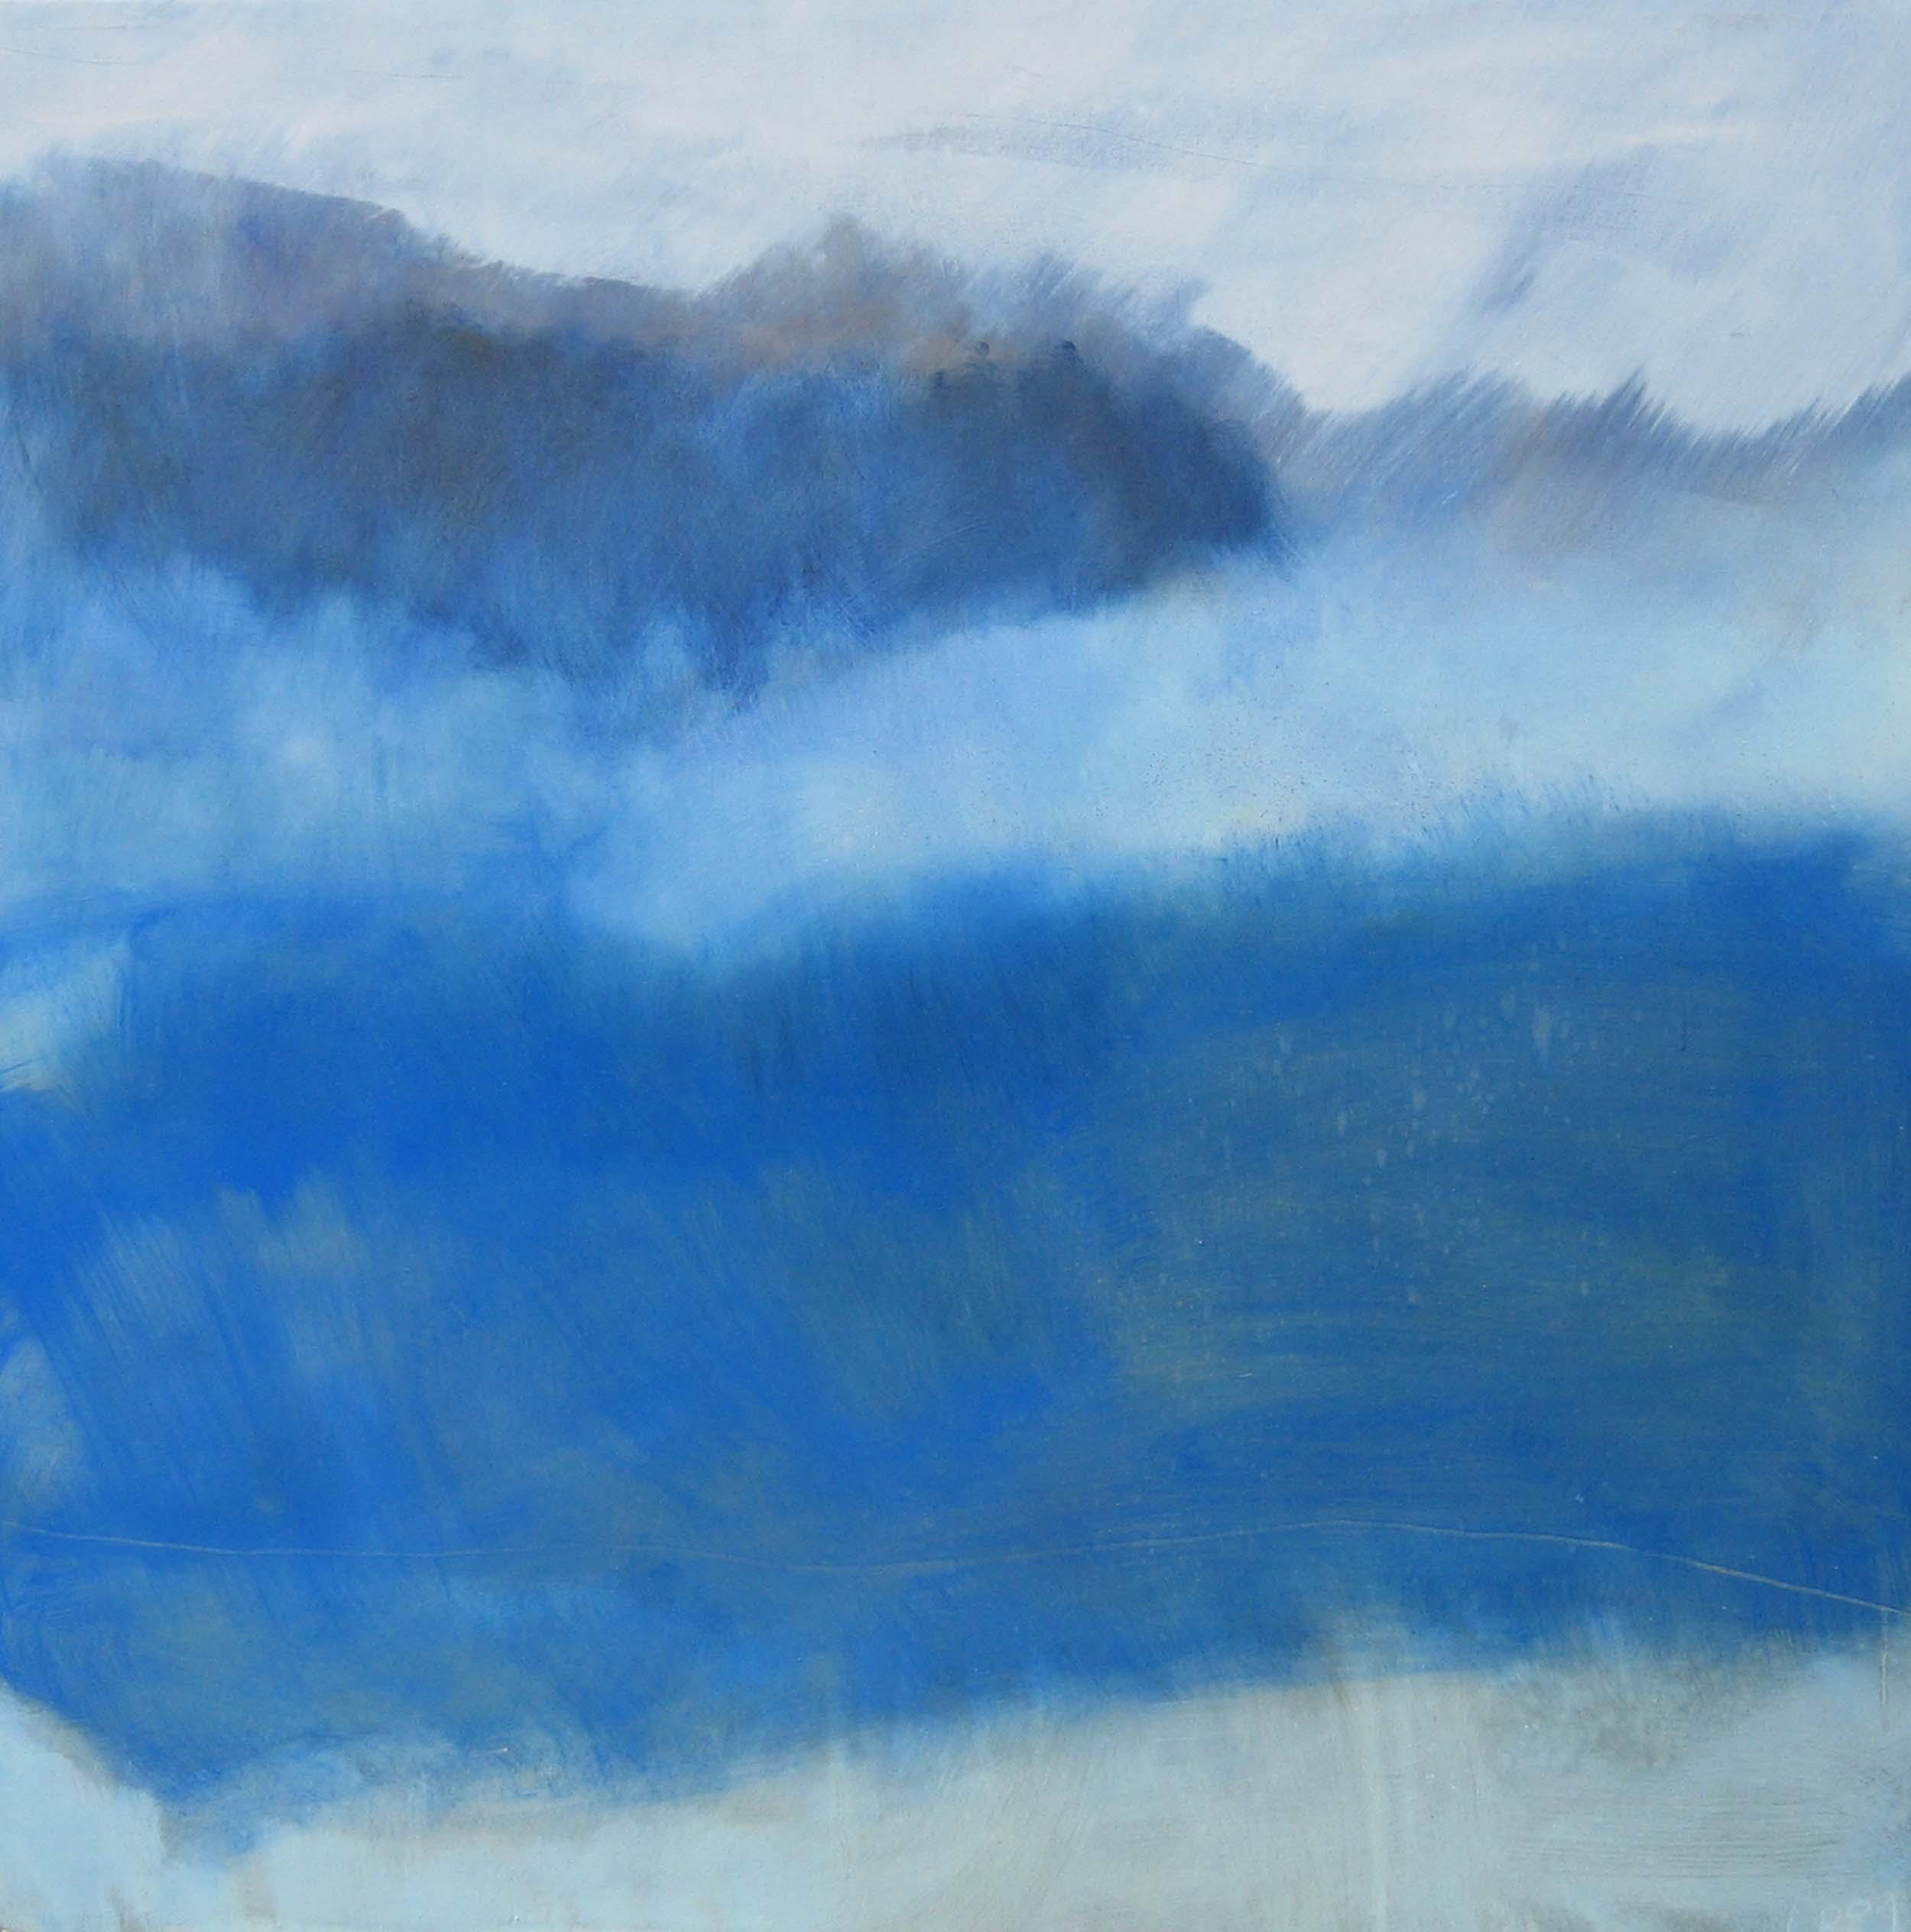 Leah Beggs 2009 - Driving Rain - 100 x 10cm -Oil on Canvas_sml.jpg